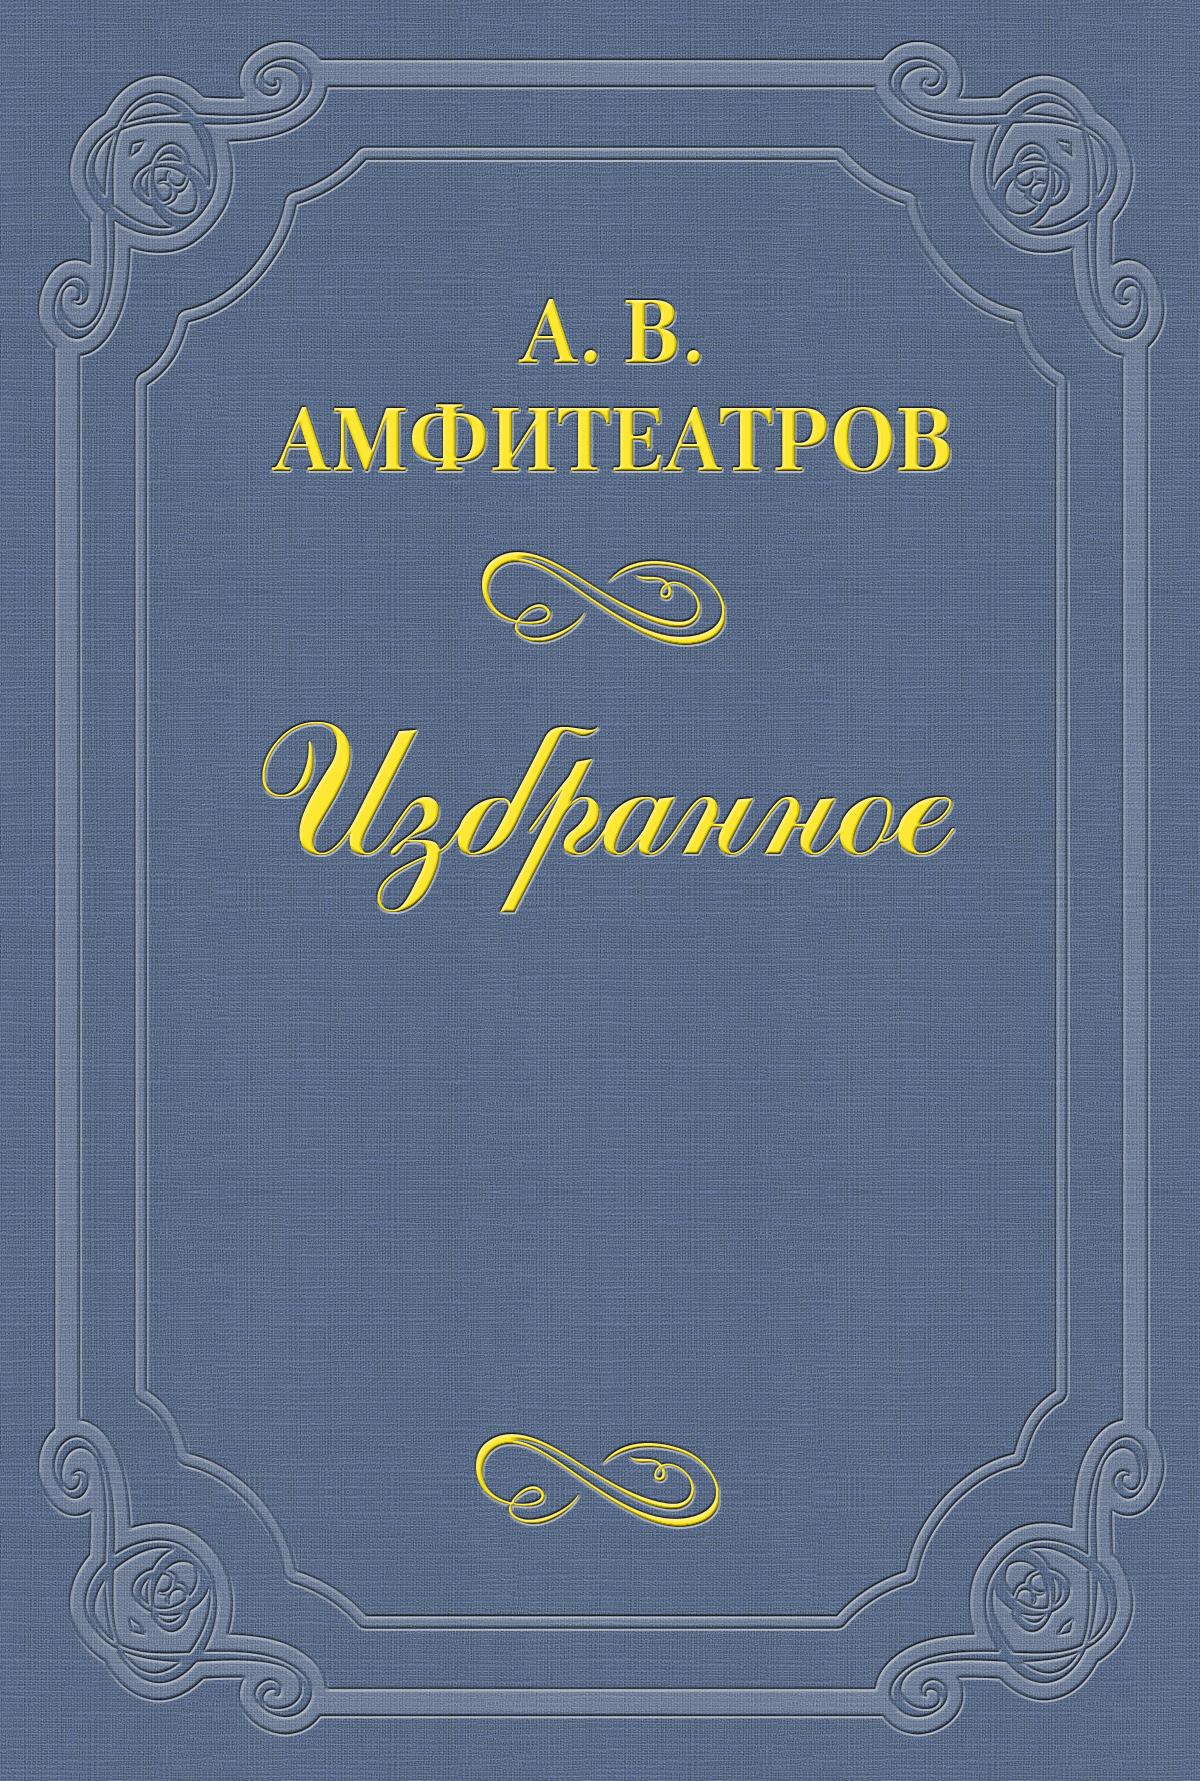 Александр Амфитеатров Мои встречи с Сологубом и Чеботаревской хоули н перед падением